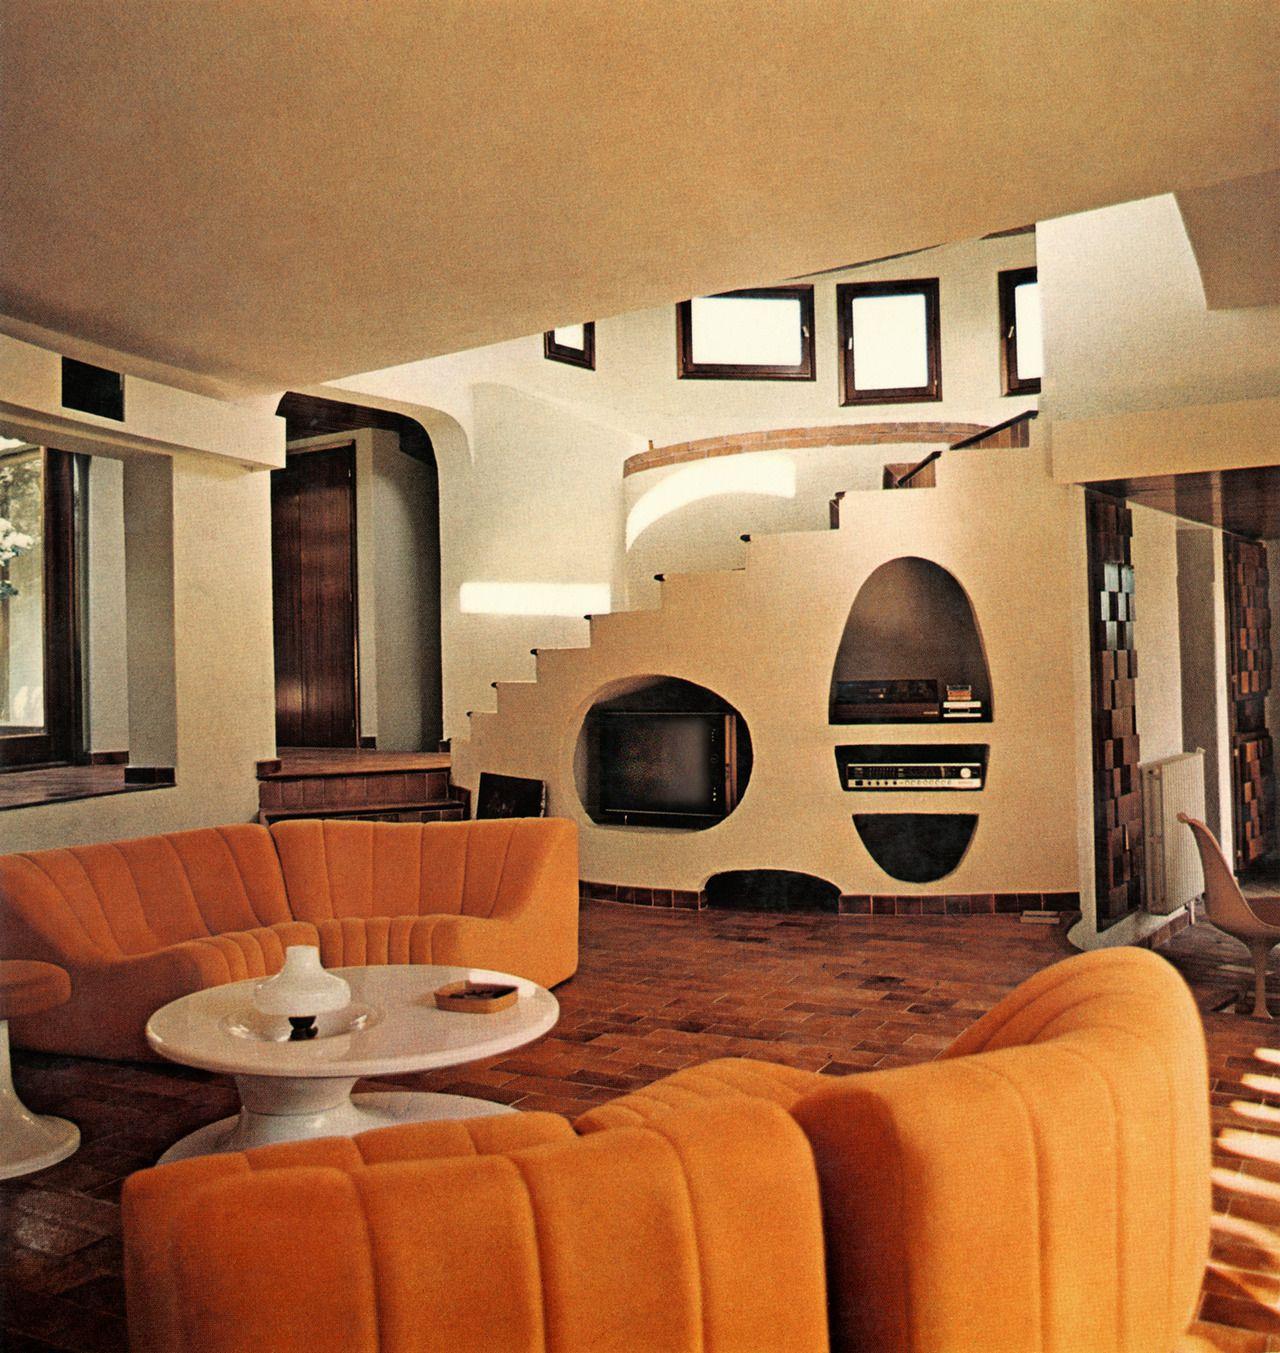 The Vault Of The Atomic Space Age With Images Retro Interior Design Vintage Interior Design Retro Interior